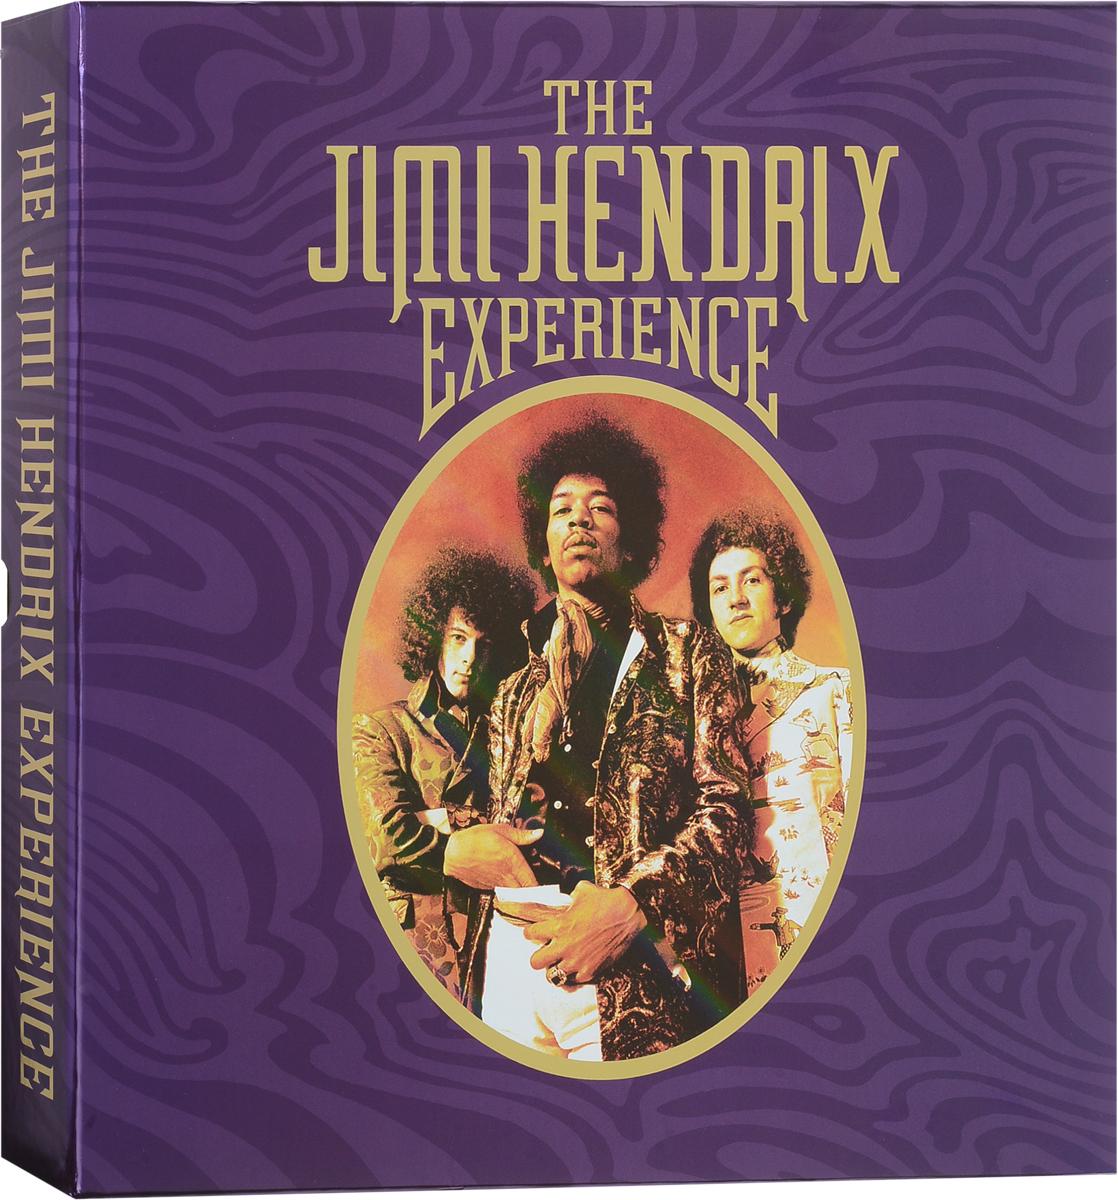 Джими Хендрикс Jimi Hendrix. Experience Hendrix. The Jimi Hendrix Experience (8 LP) jimi hendrix jimi hendrix purple haze foxey lady 7